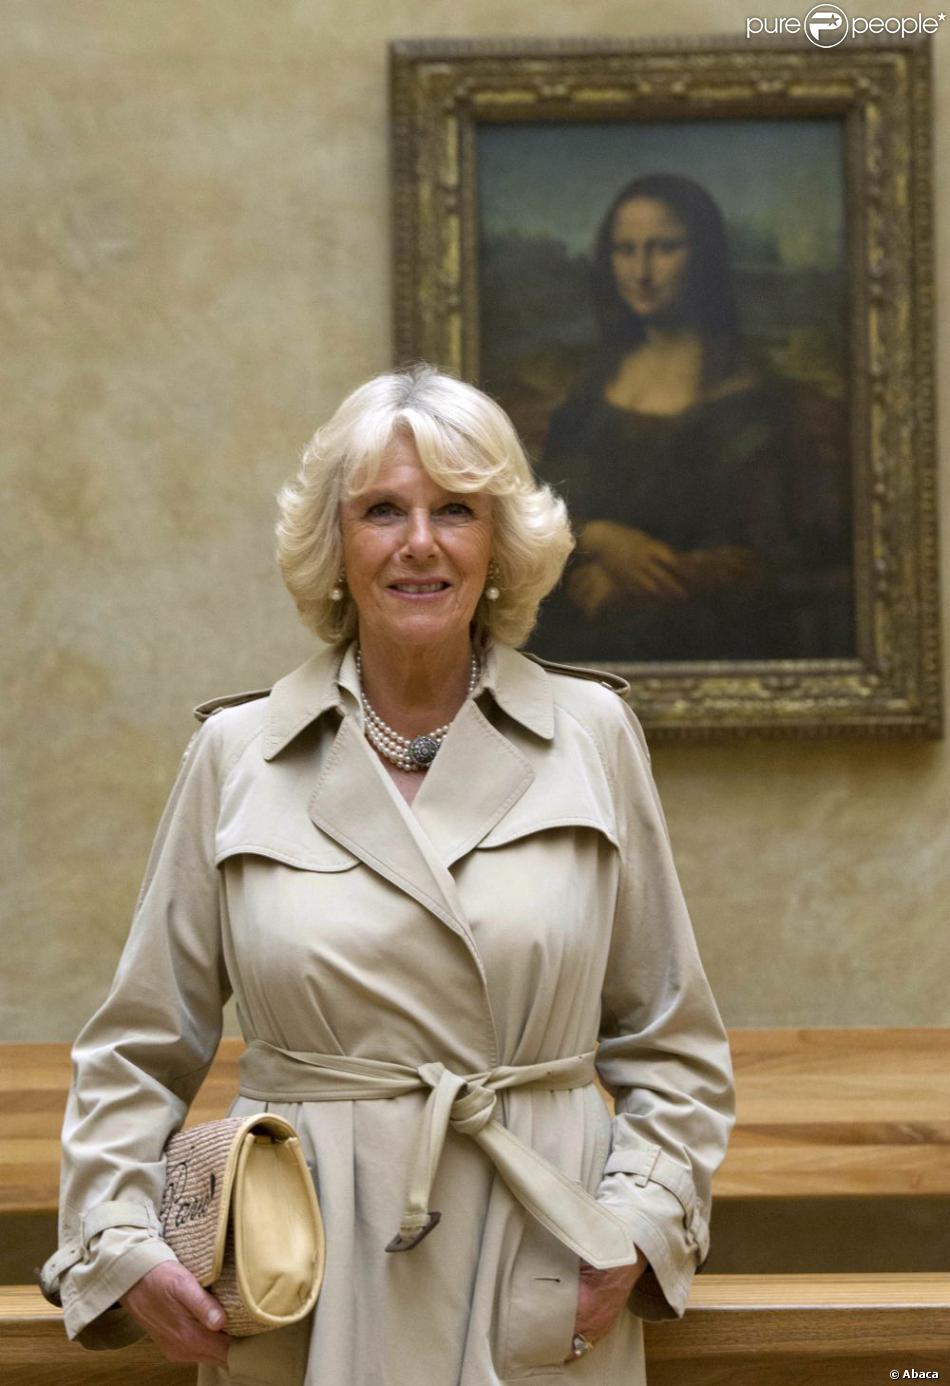 Camilla Parker Bowles, qui a pris bien soin de ne pas se mettre devant La Joconde, a pu savourer une visite privée du Musée du Louvre, mardi 28 mai 2013 lors de la fermeture hebdomadaire de l'établissement, avant de reprendre l'Eurostar pour rentrer à Londres après sa visite de deux jours.